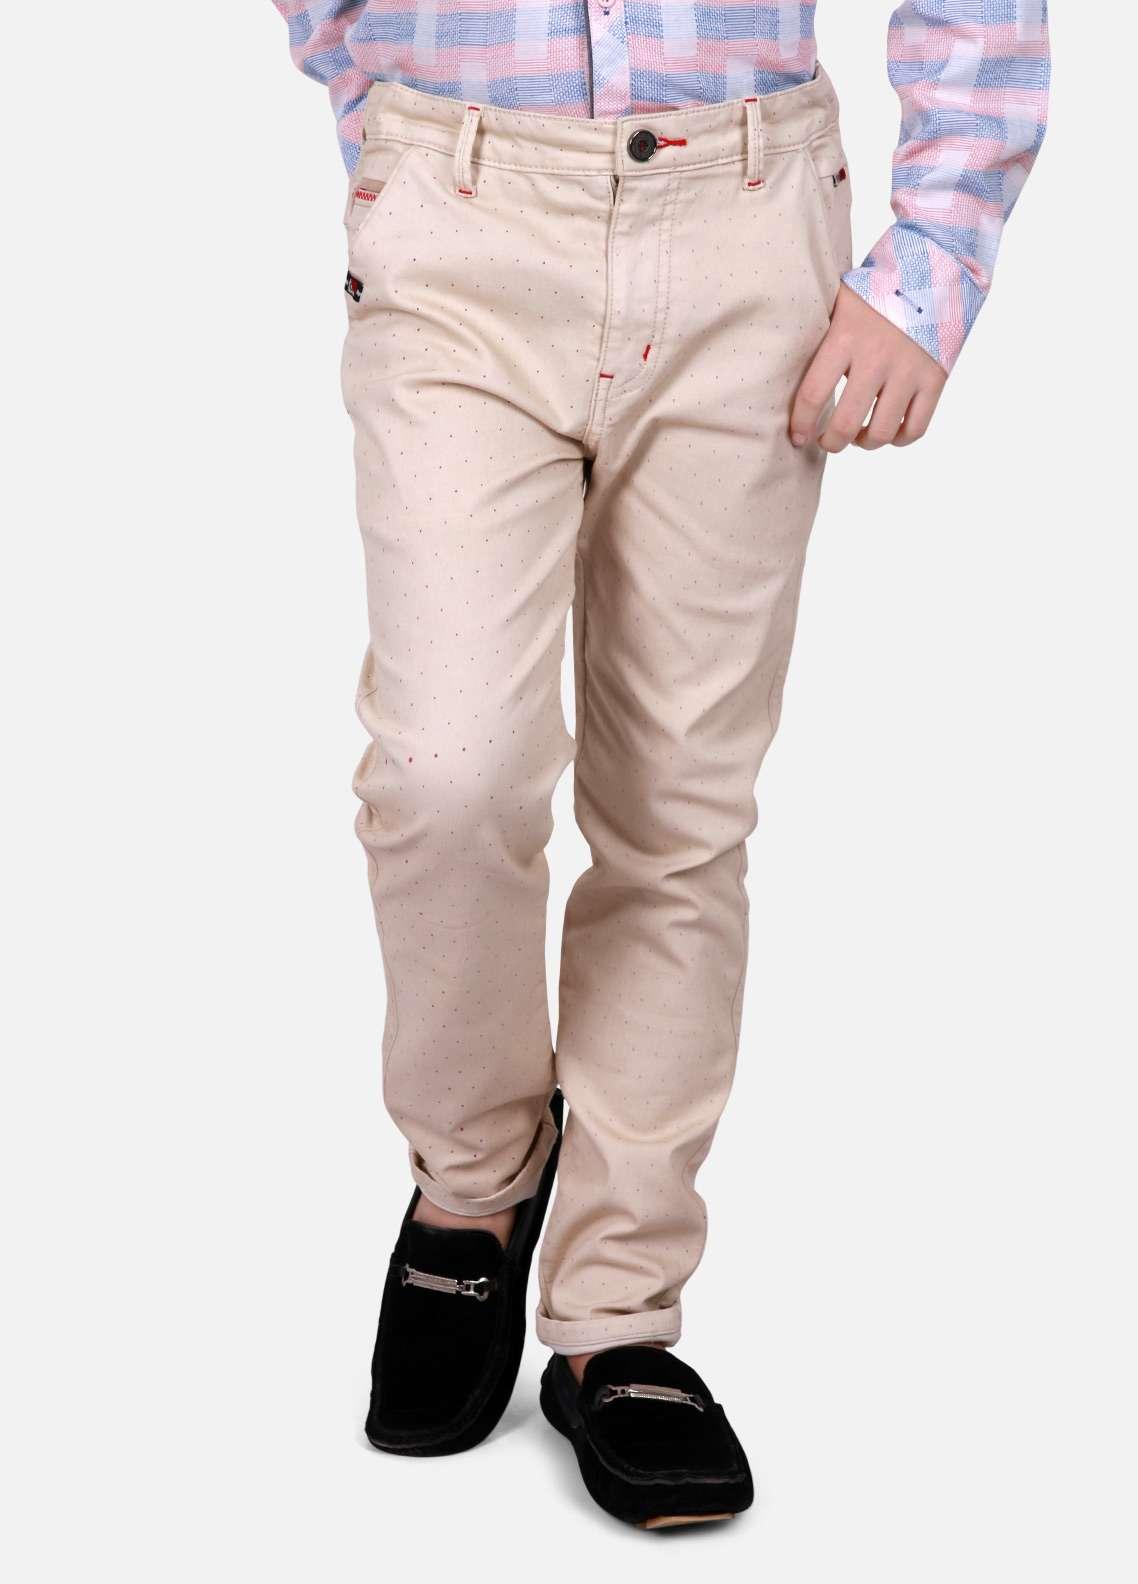 Edenrobe Cotton Plain Texture Pants for Boys - Beige EDK18P 5712